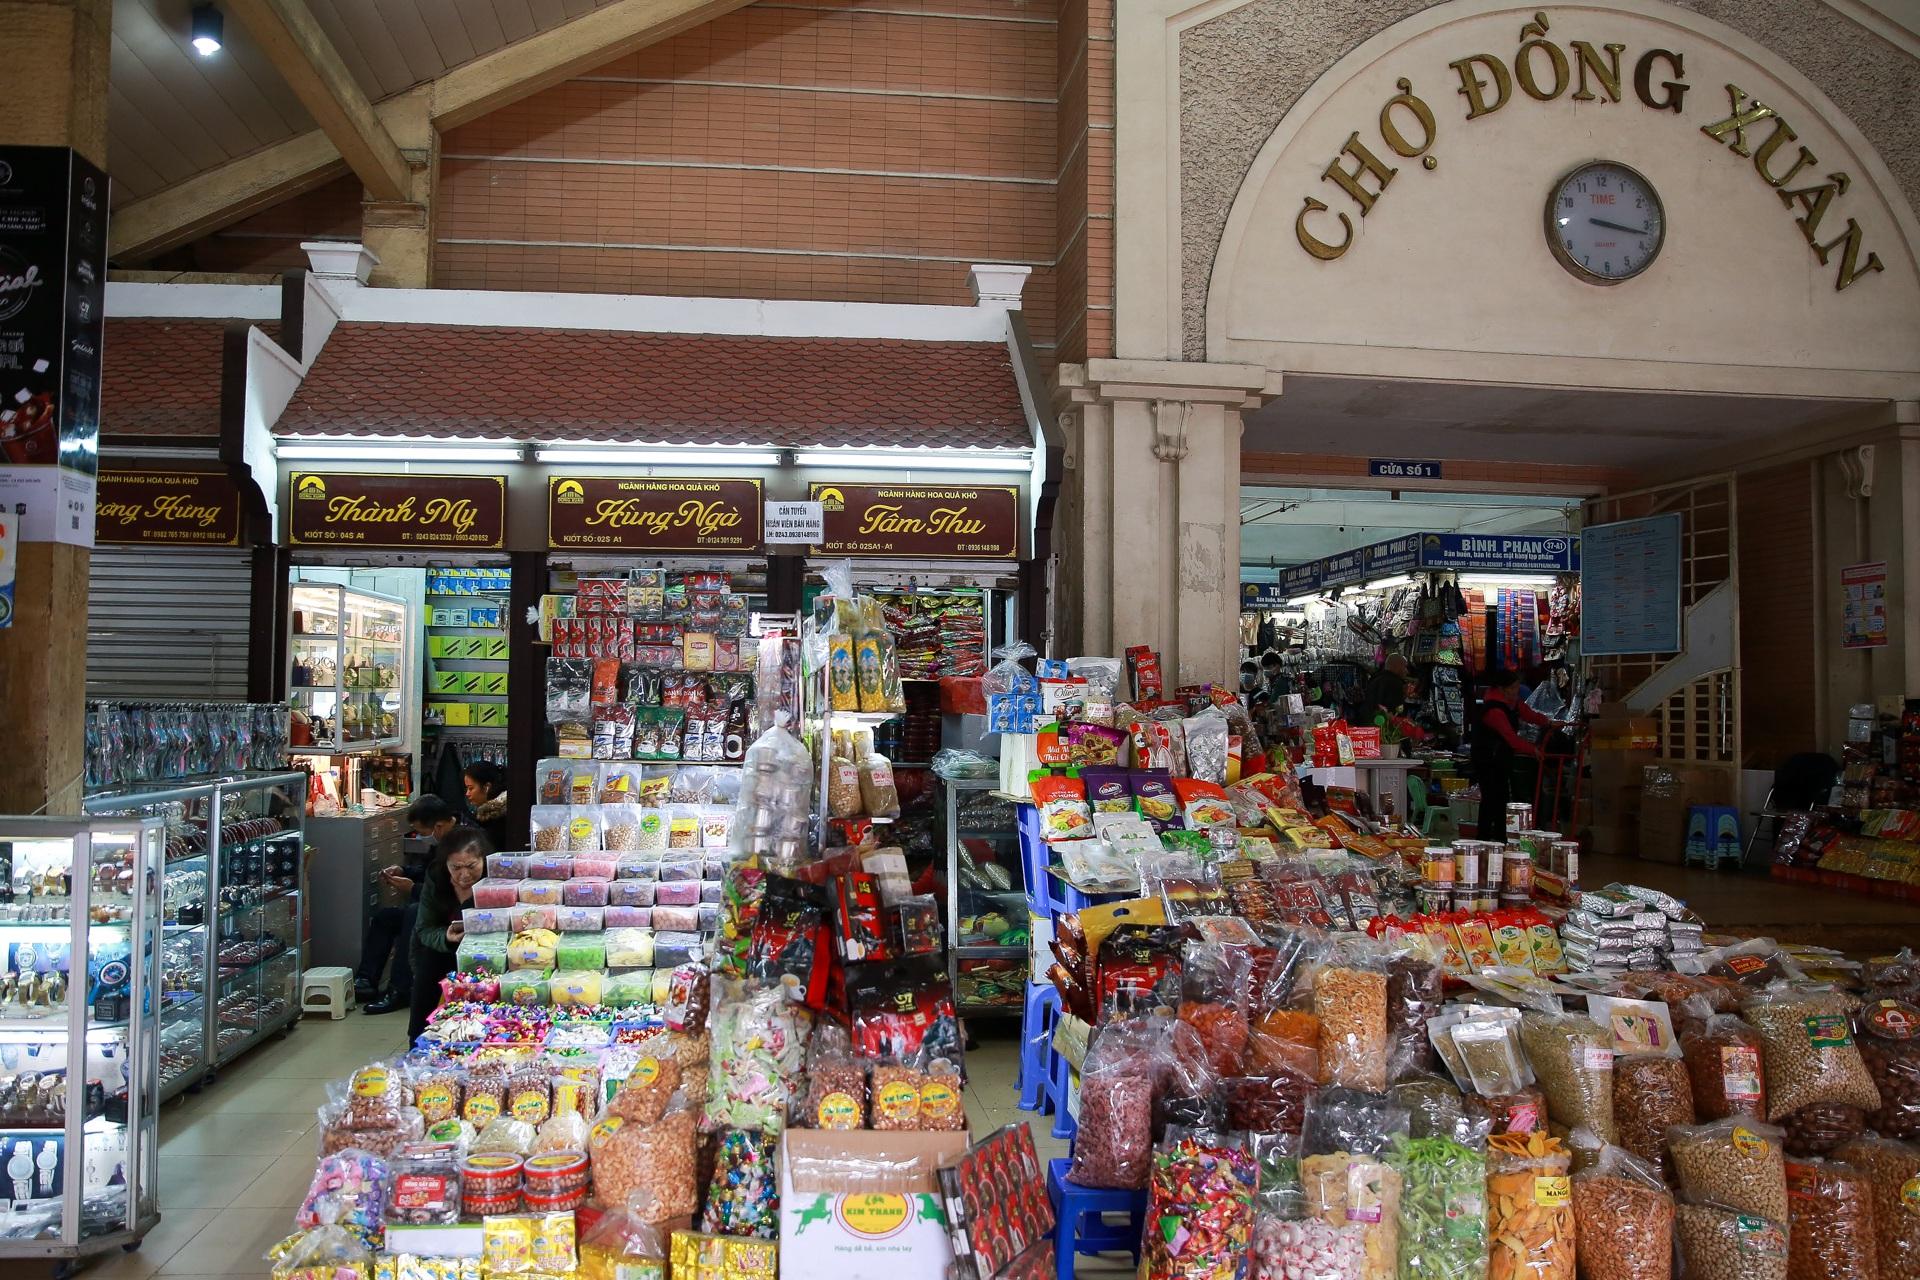 Khu chợ lớn nhất Hà Nội đìu hiu giữa thời dịch Covid-19 - 13